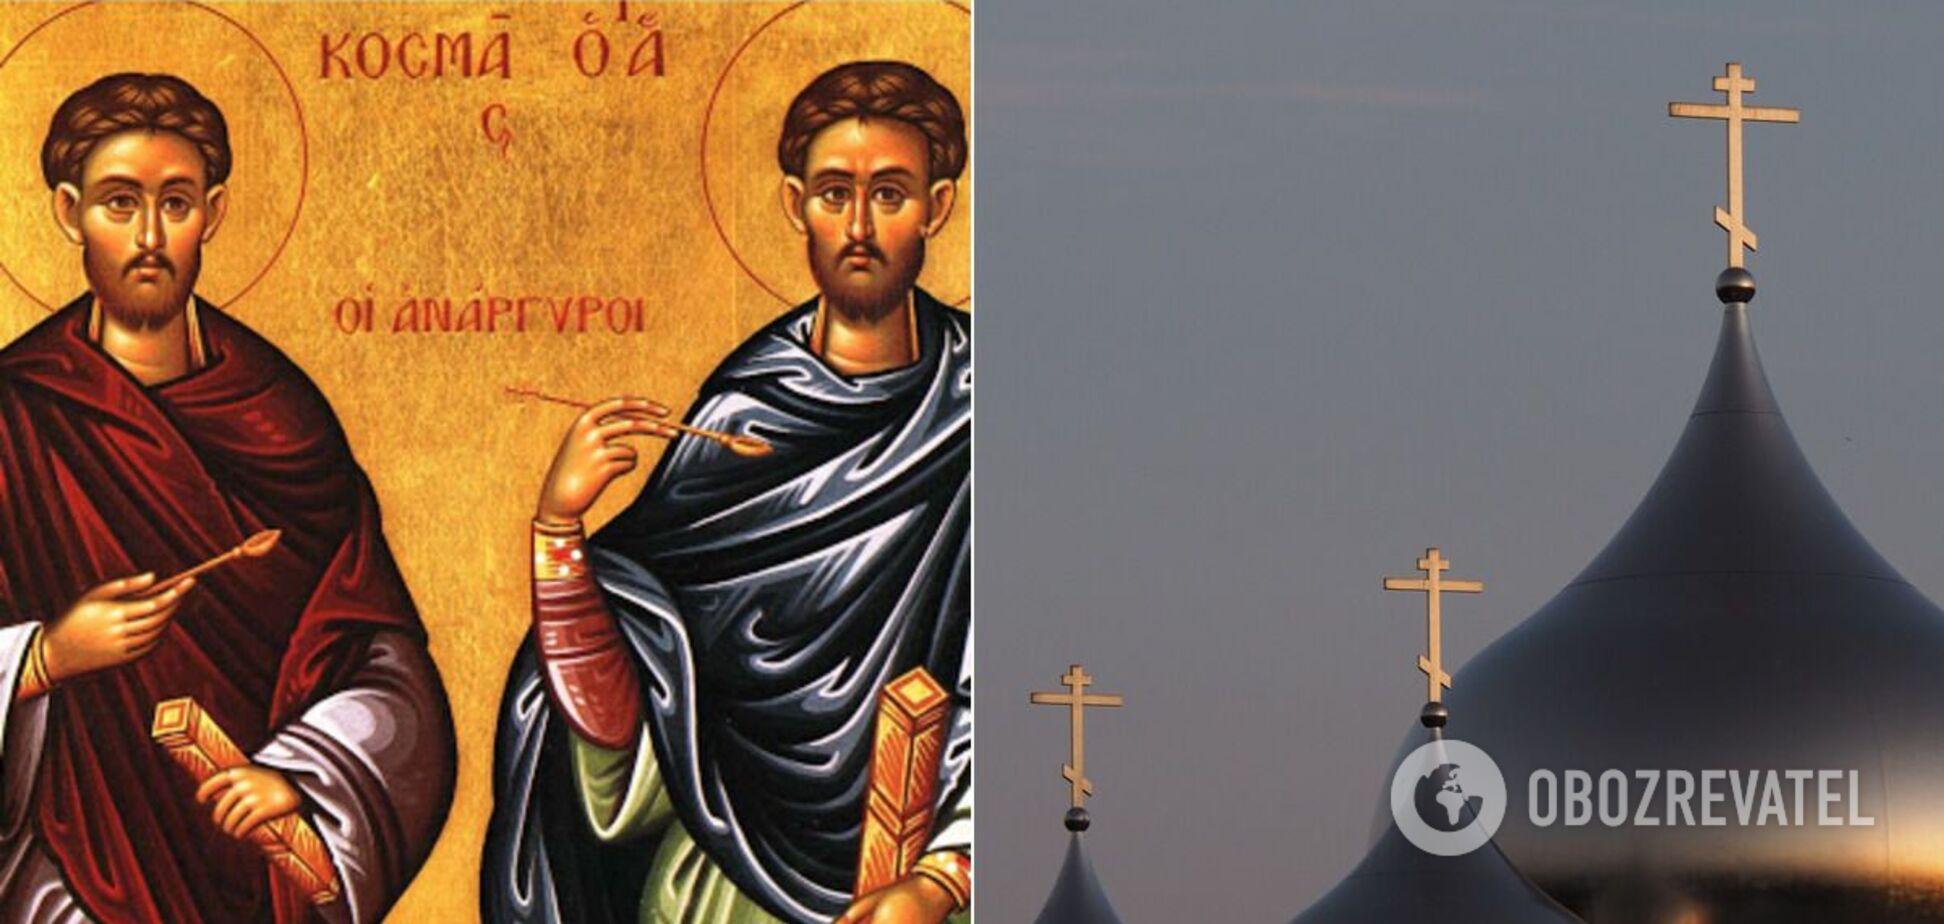 Святые чудотворцы Косма и Дамиан считаются покровителями семейного очага